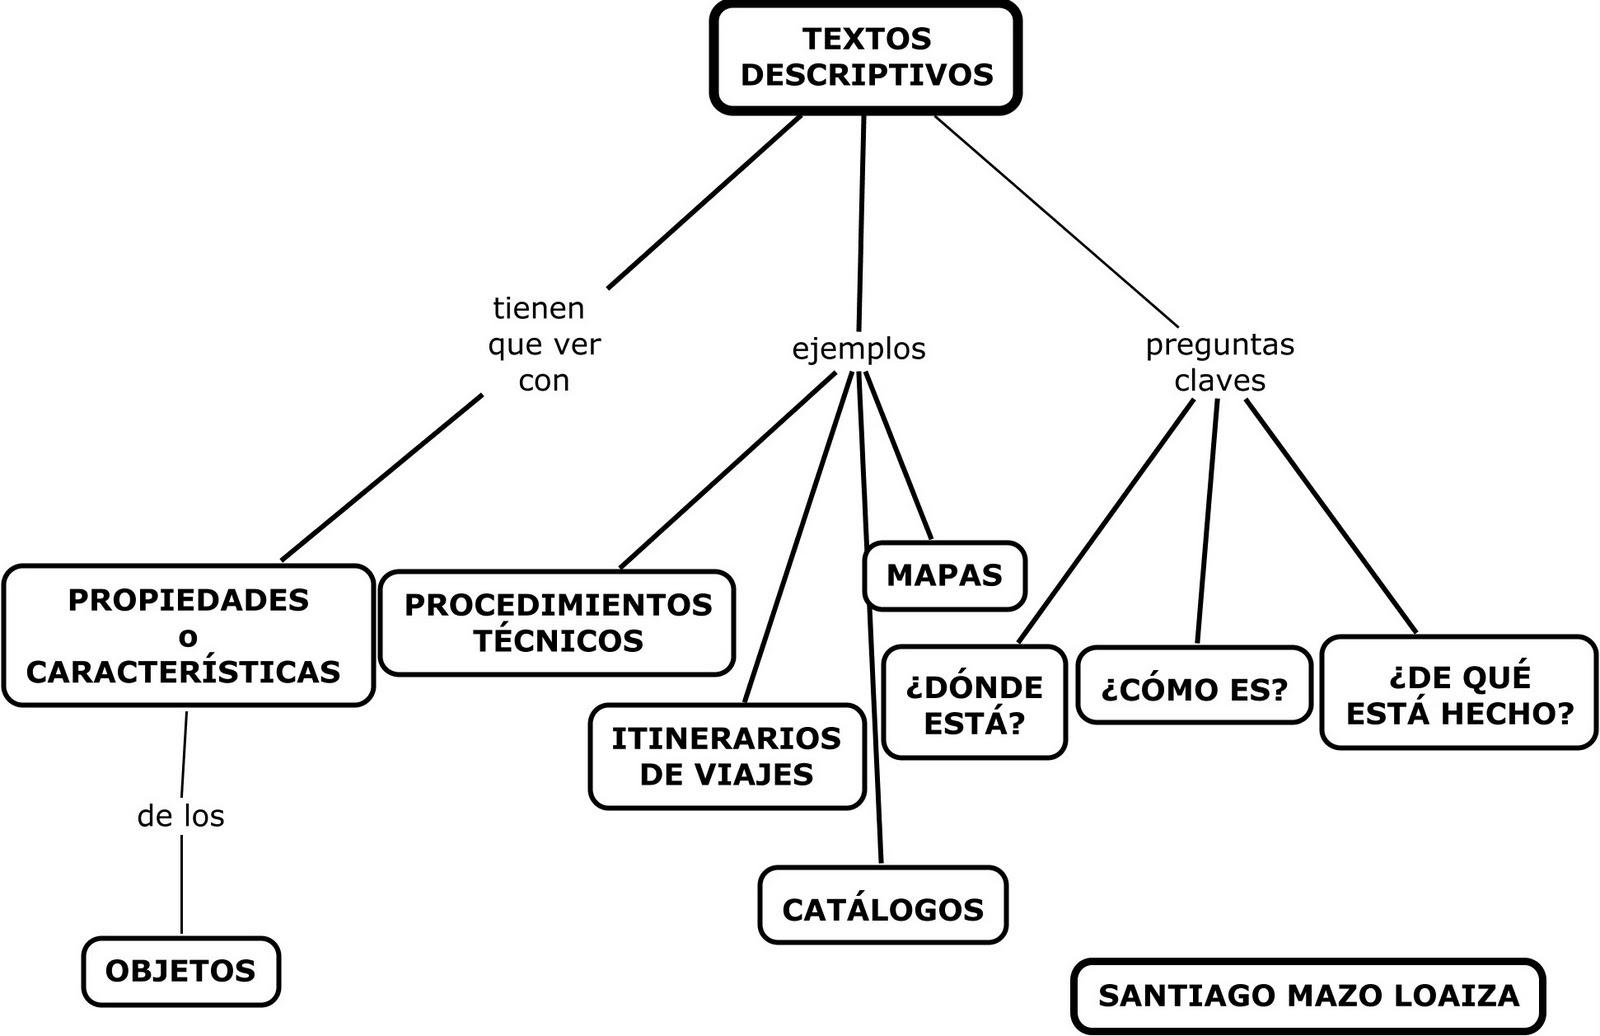 En los mapas conceptuales que hay debajo, están las orientaciones